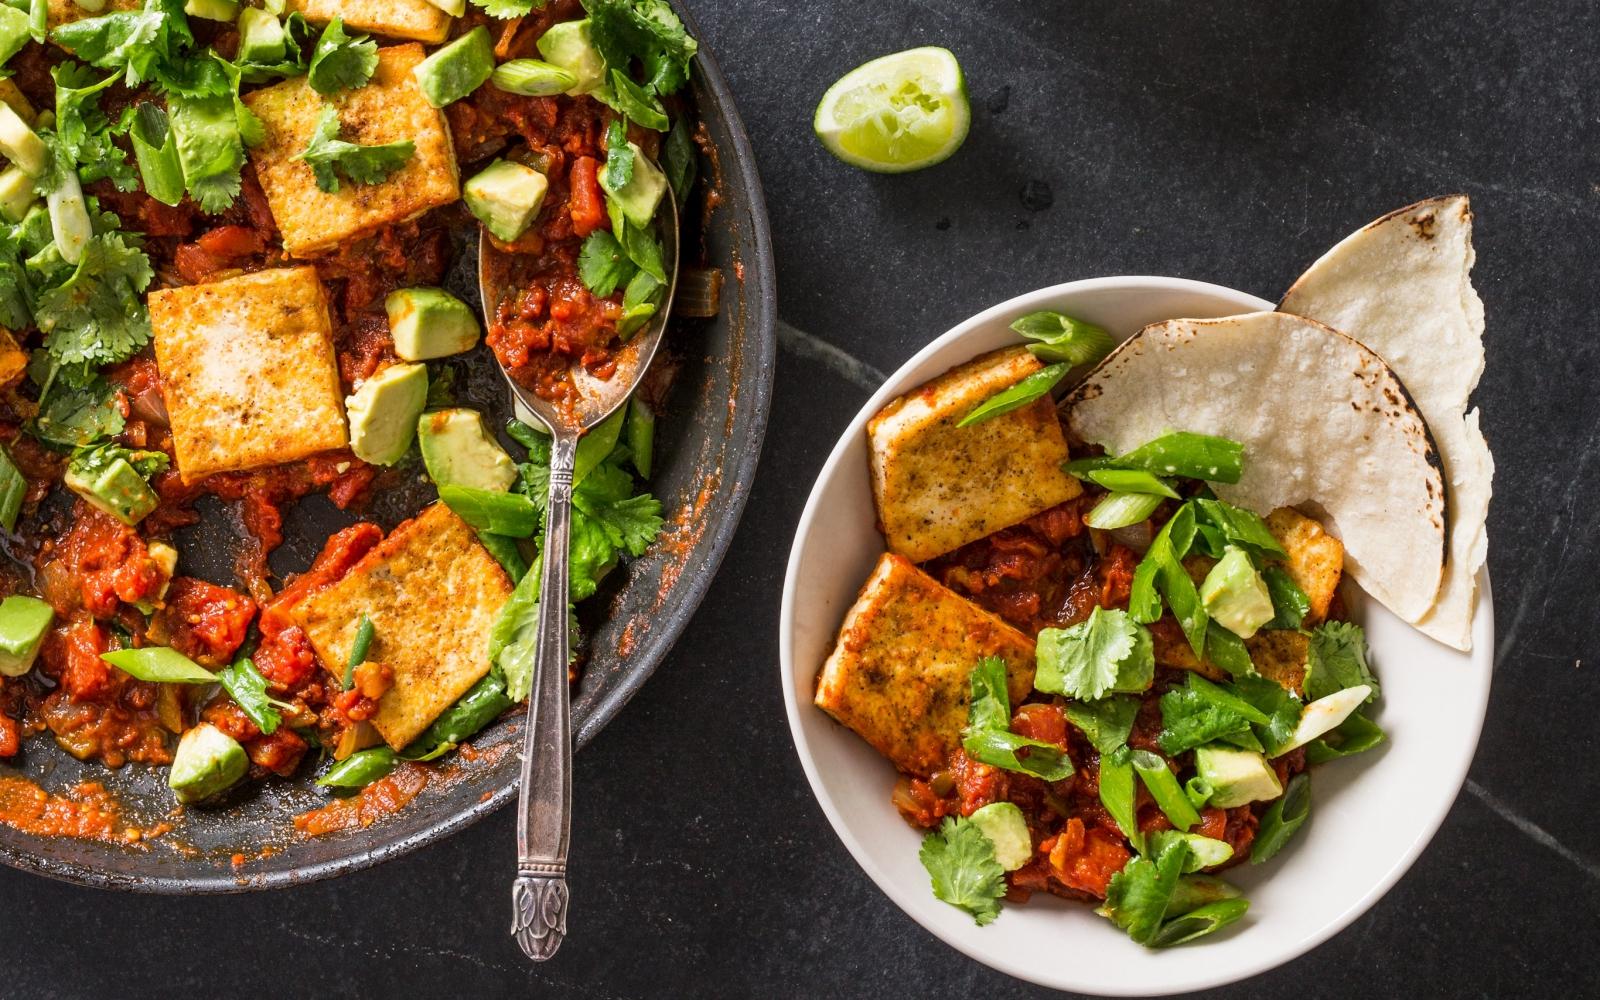 Vegan Tofu Rancheros